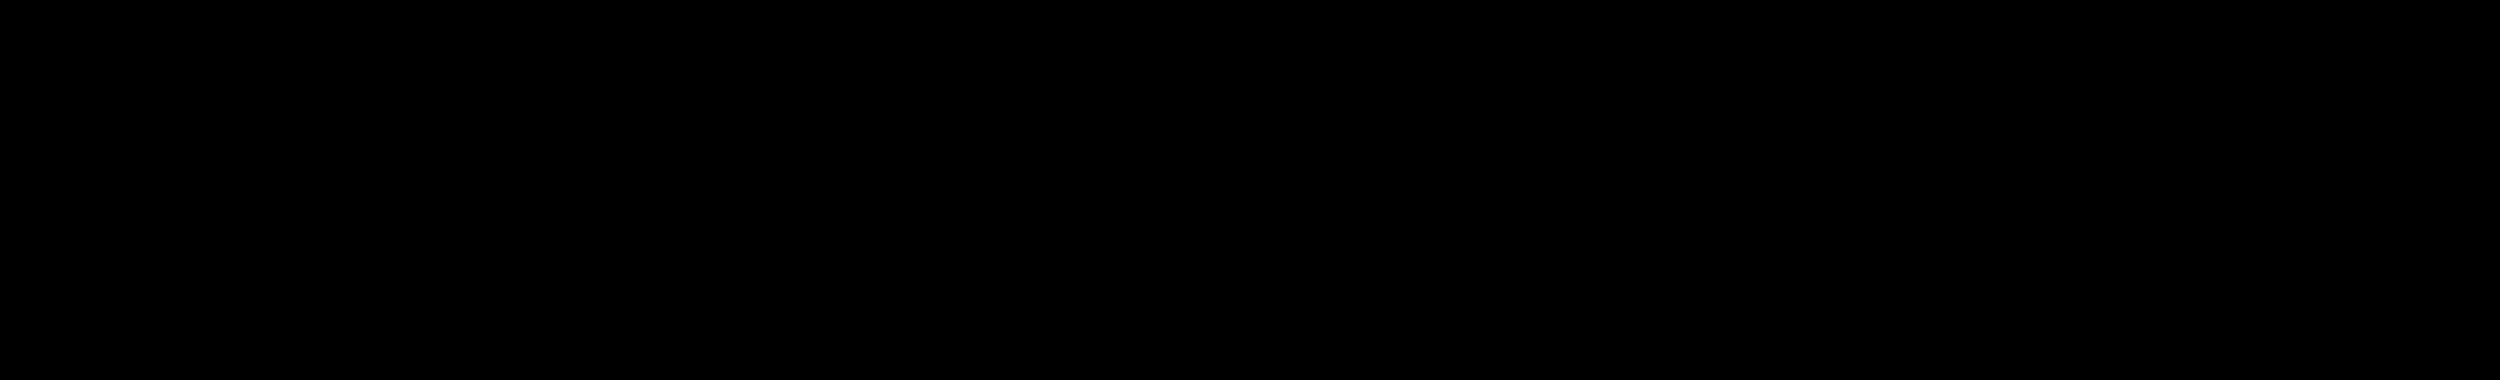 a tavola logo menu.png